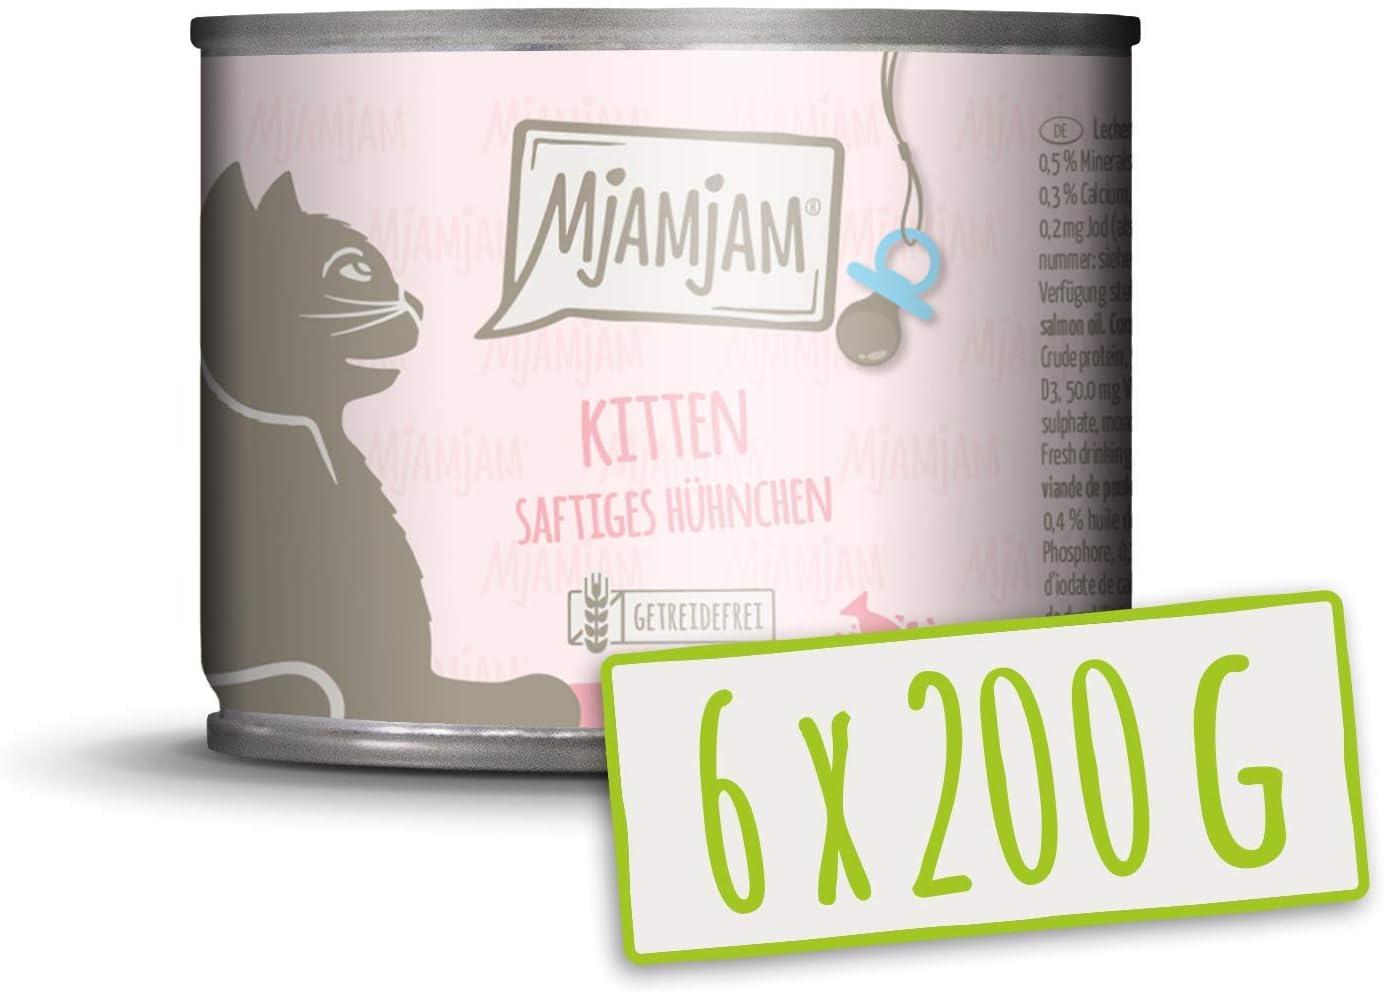 MjAMjAM - Pienso acuoso para Gatitos - Comida para Gatitos de Pollo jugoso Refinado con Aceite de salmón - Sin Cereales - 6 x 200 g